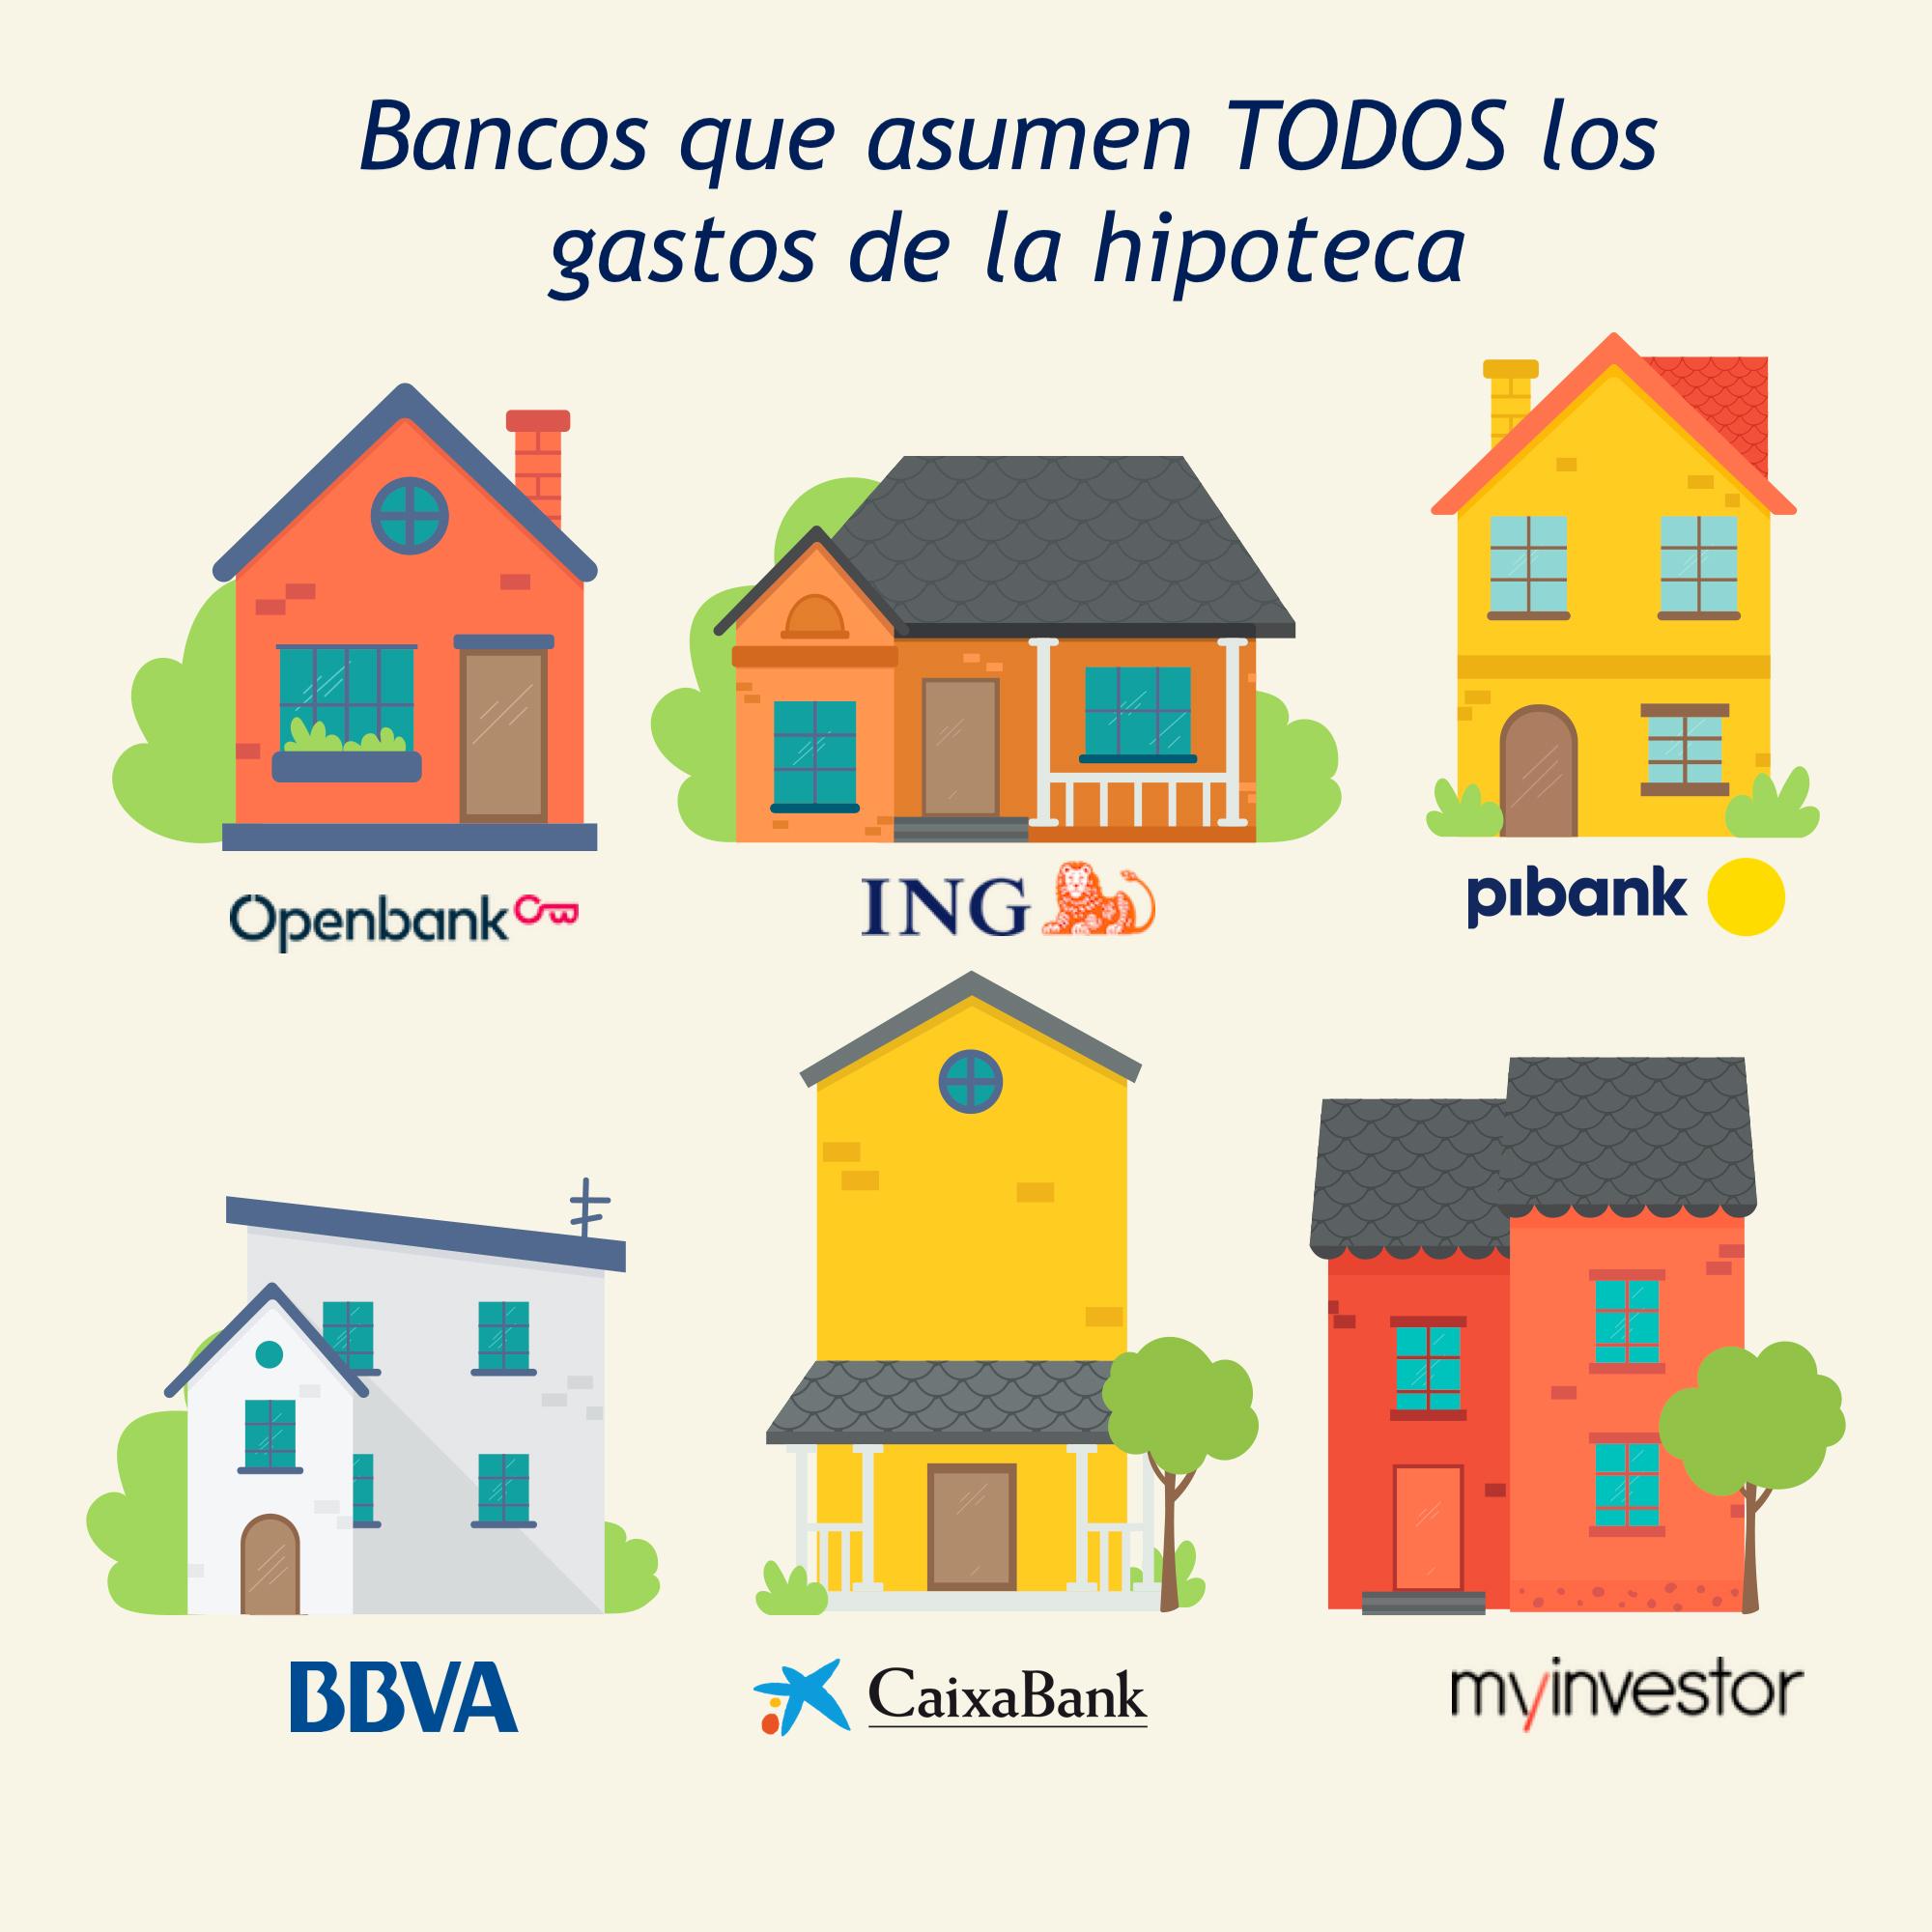 6 bancos asumen gastos hipoteca